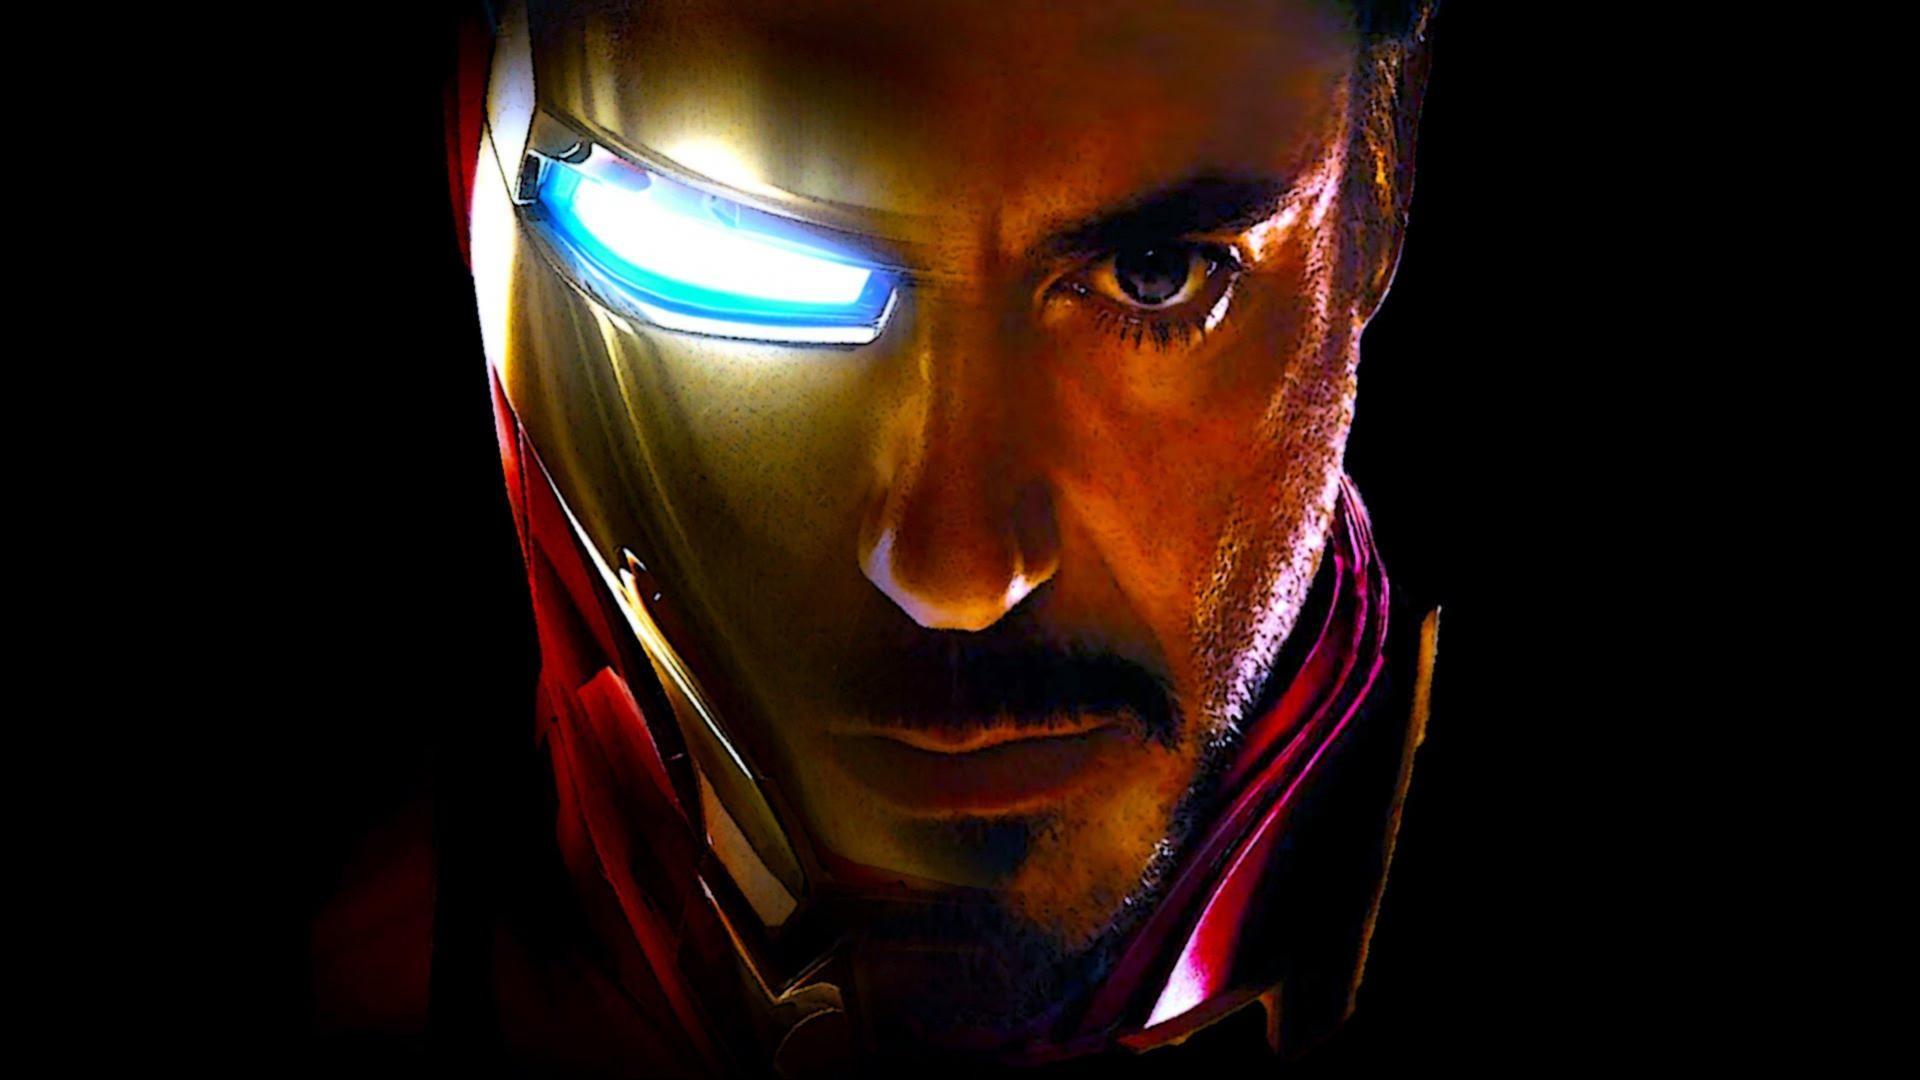 … Iron Man Wallpaper – Face of Iron Man and Tony Stark (Robert Downey Jr.  …